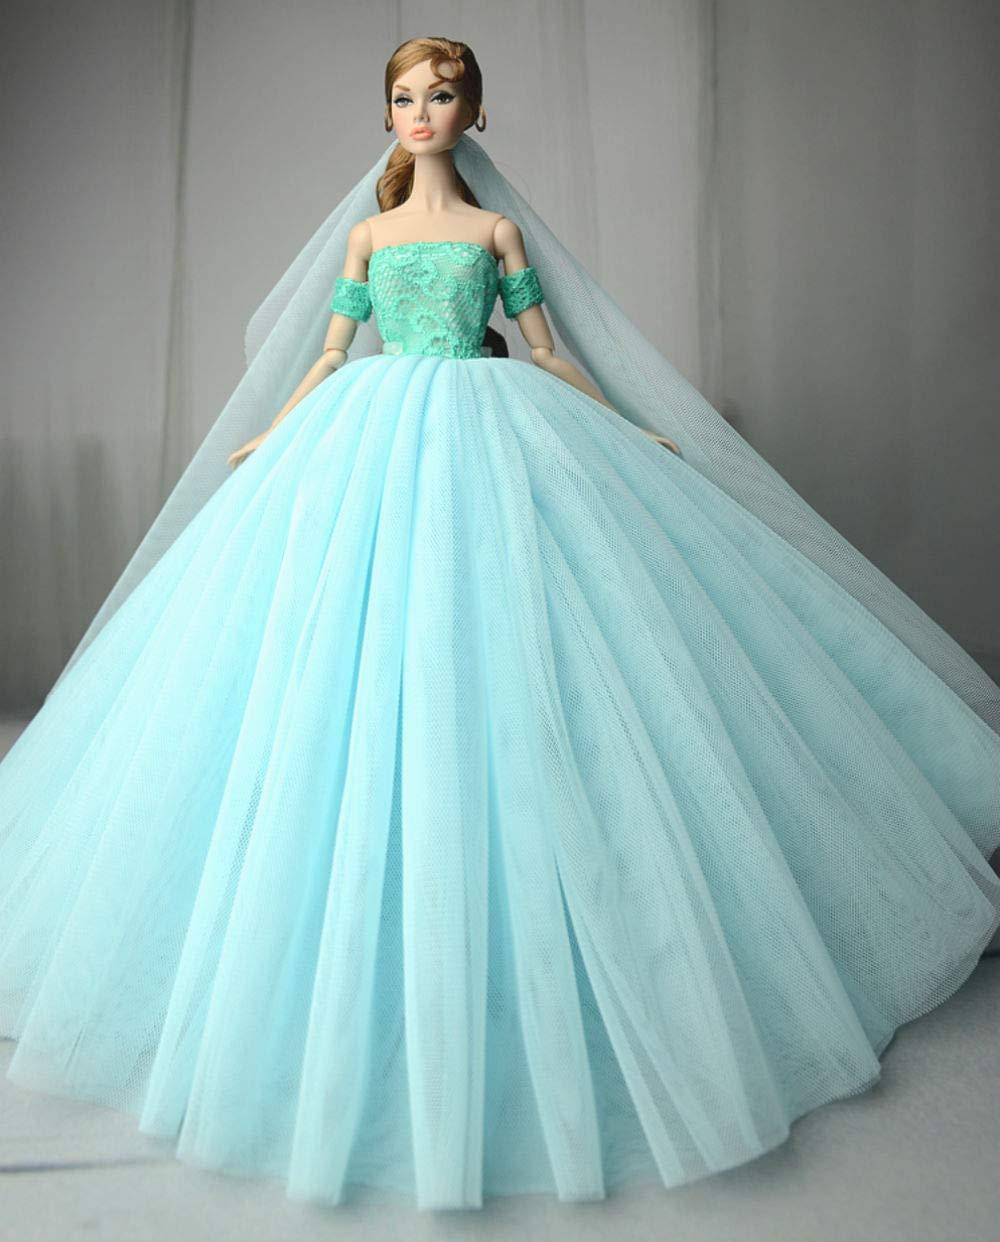 Stillshine UK-36B Mode Magnifique Robe de soir/ée /à la Main pour la poup/ée Barbie Robes 24 v/êtements //Robe de poup/ée